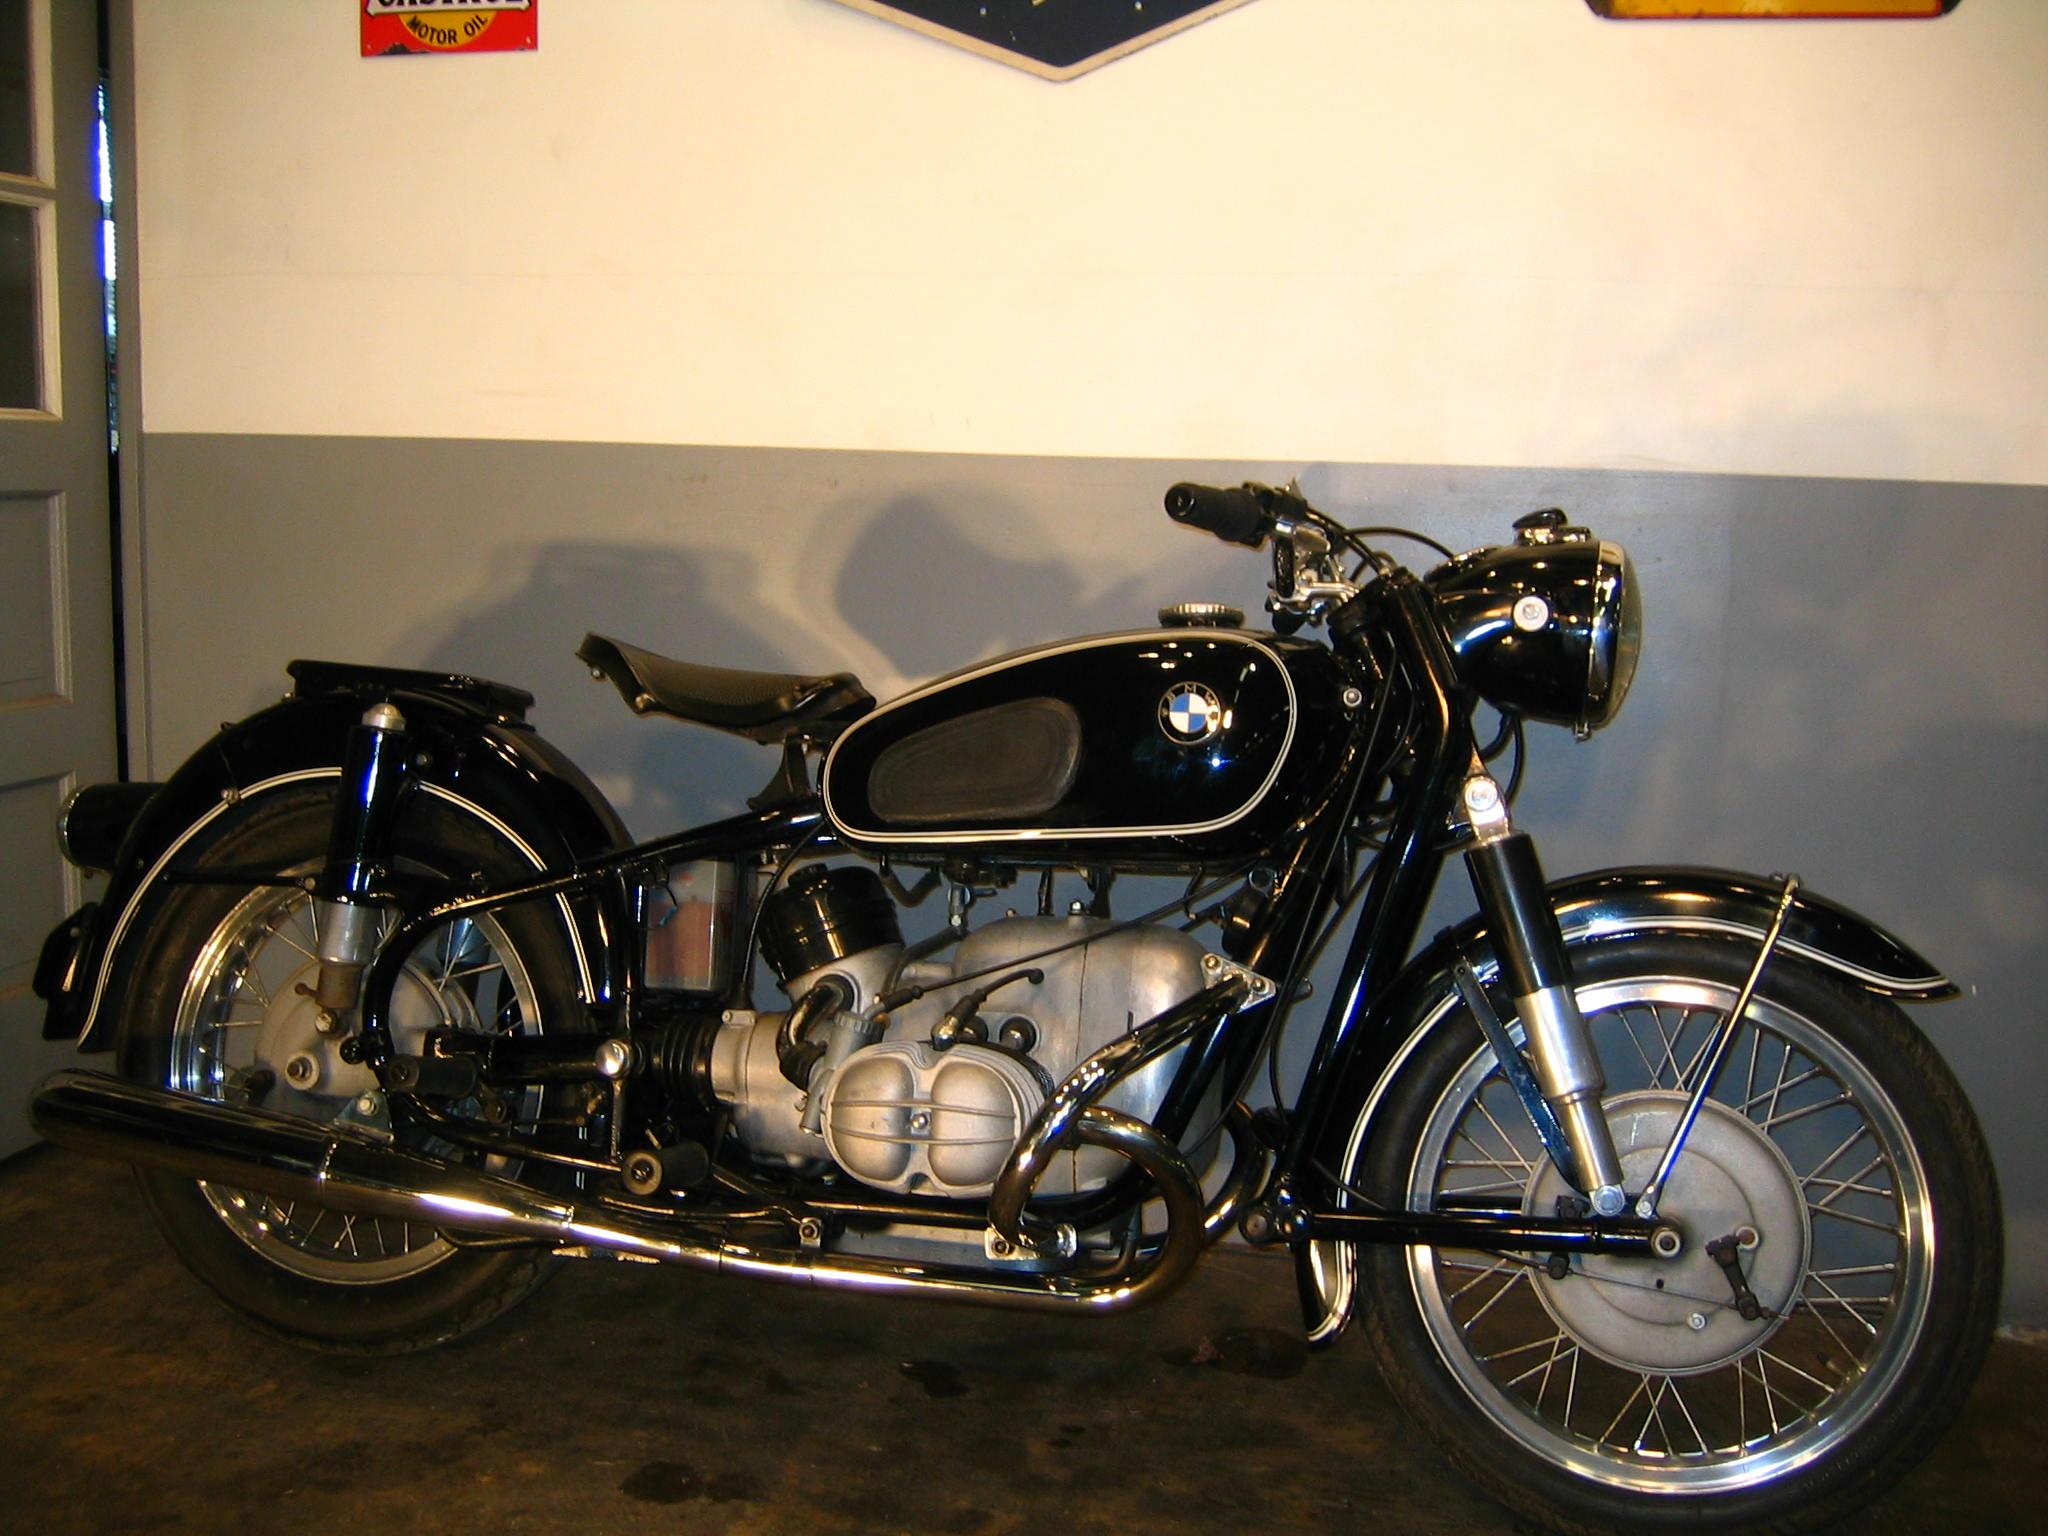 1955 Bmw R50